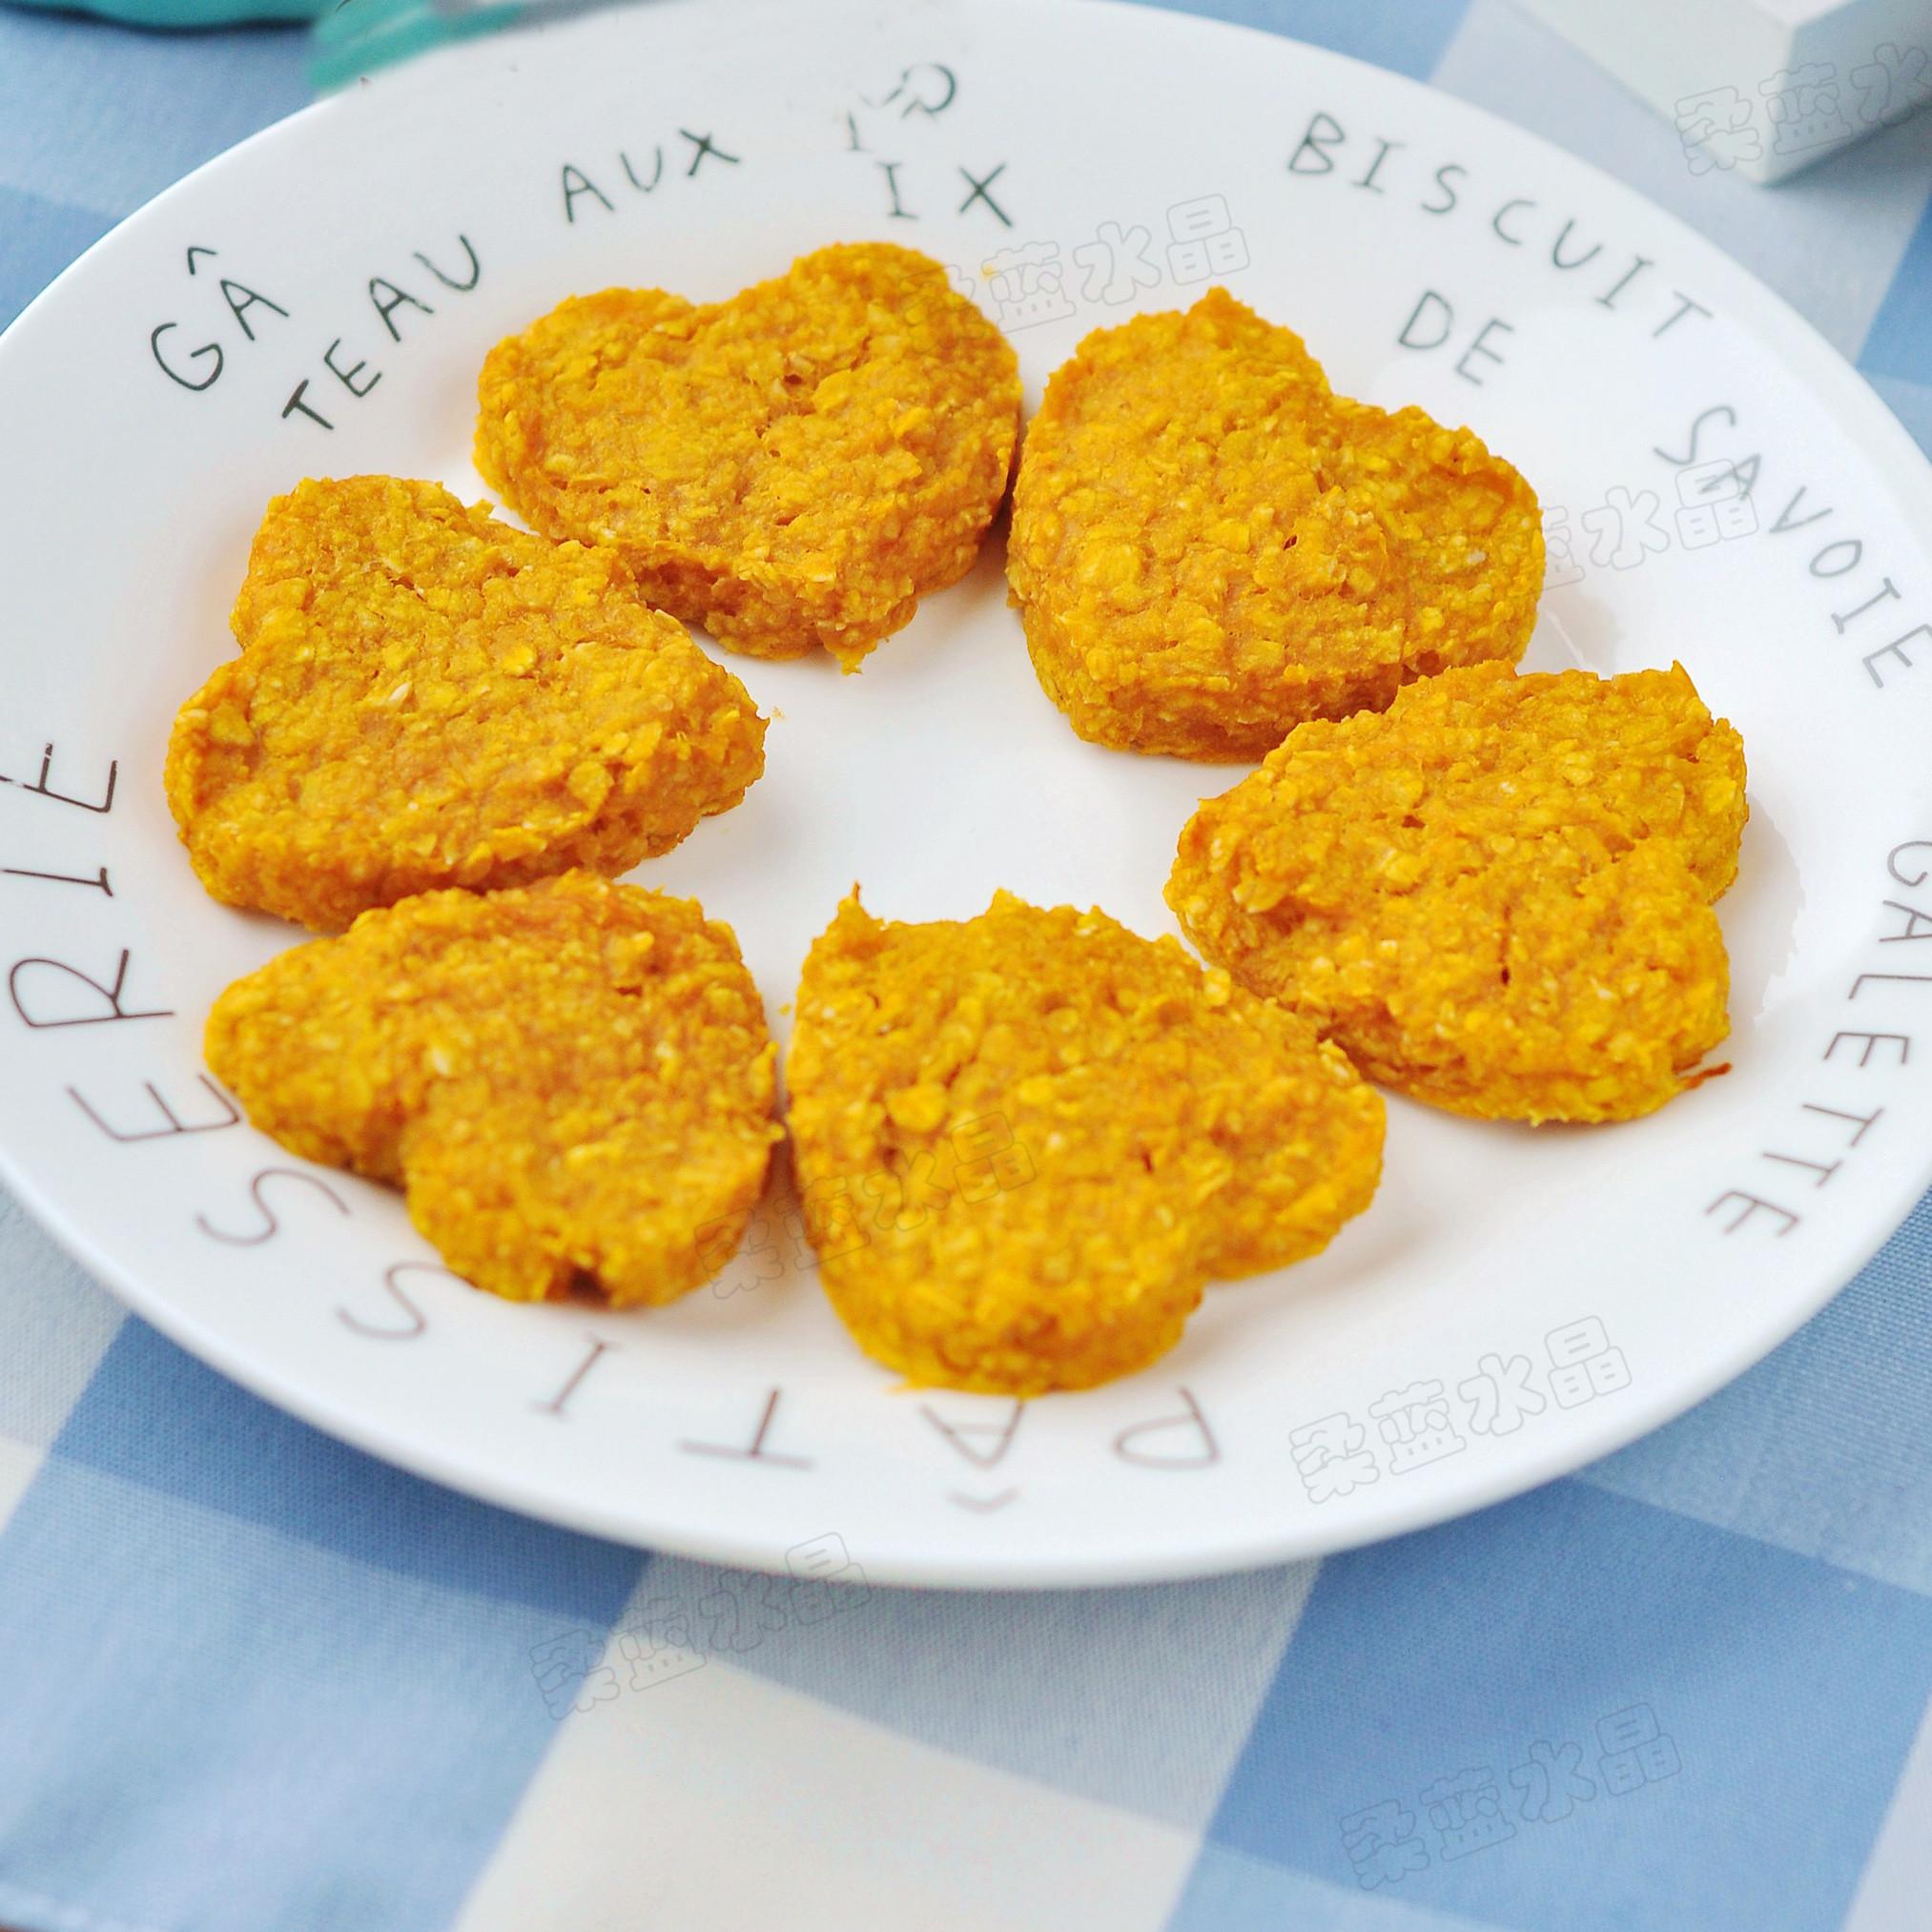 南瓜燕麦饼